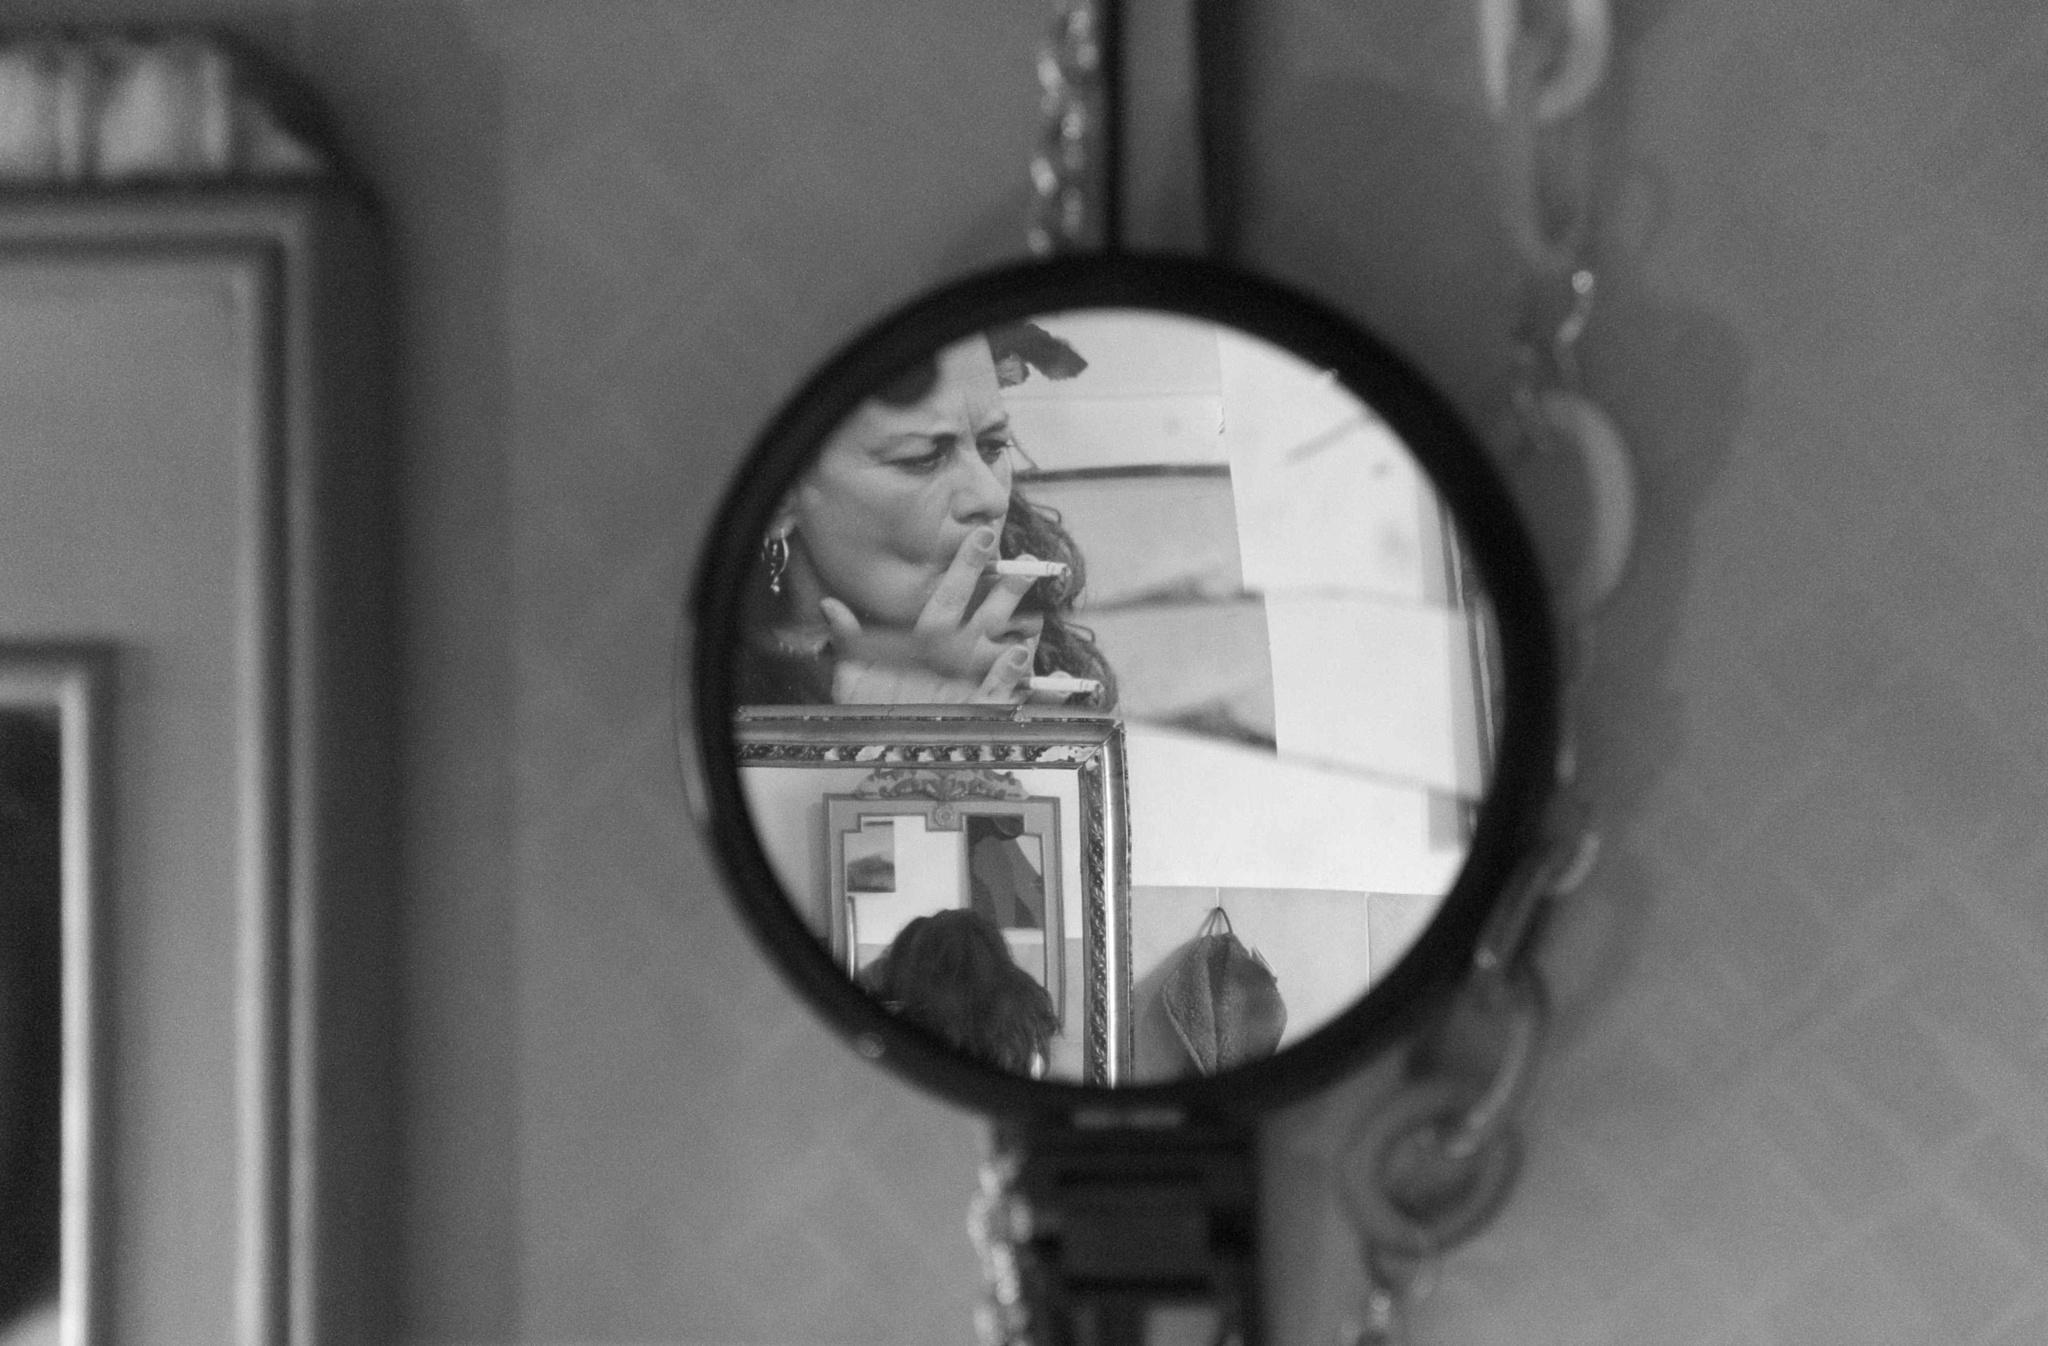 Specchi by Ilaria Guccione